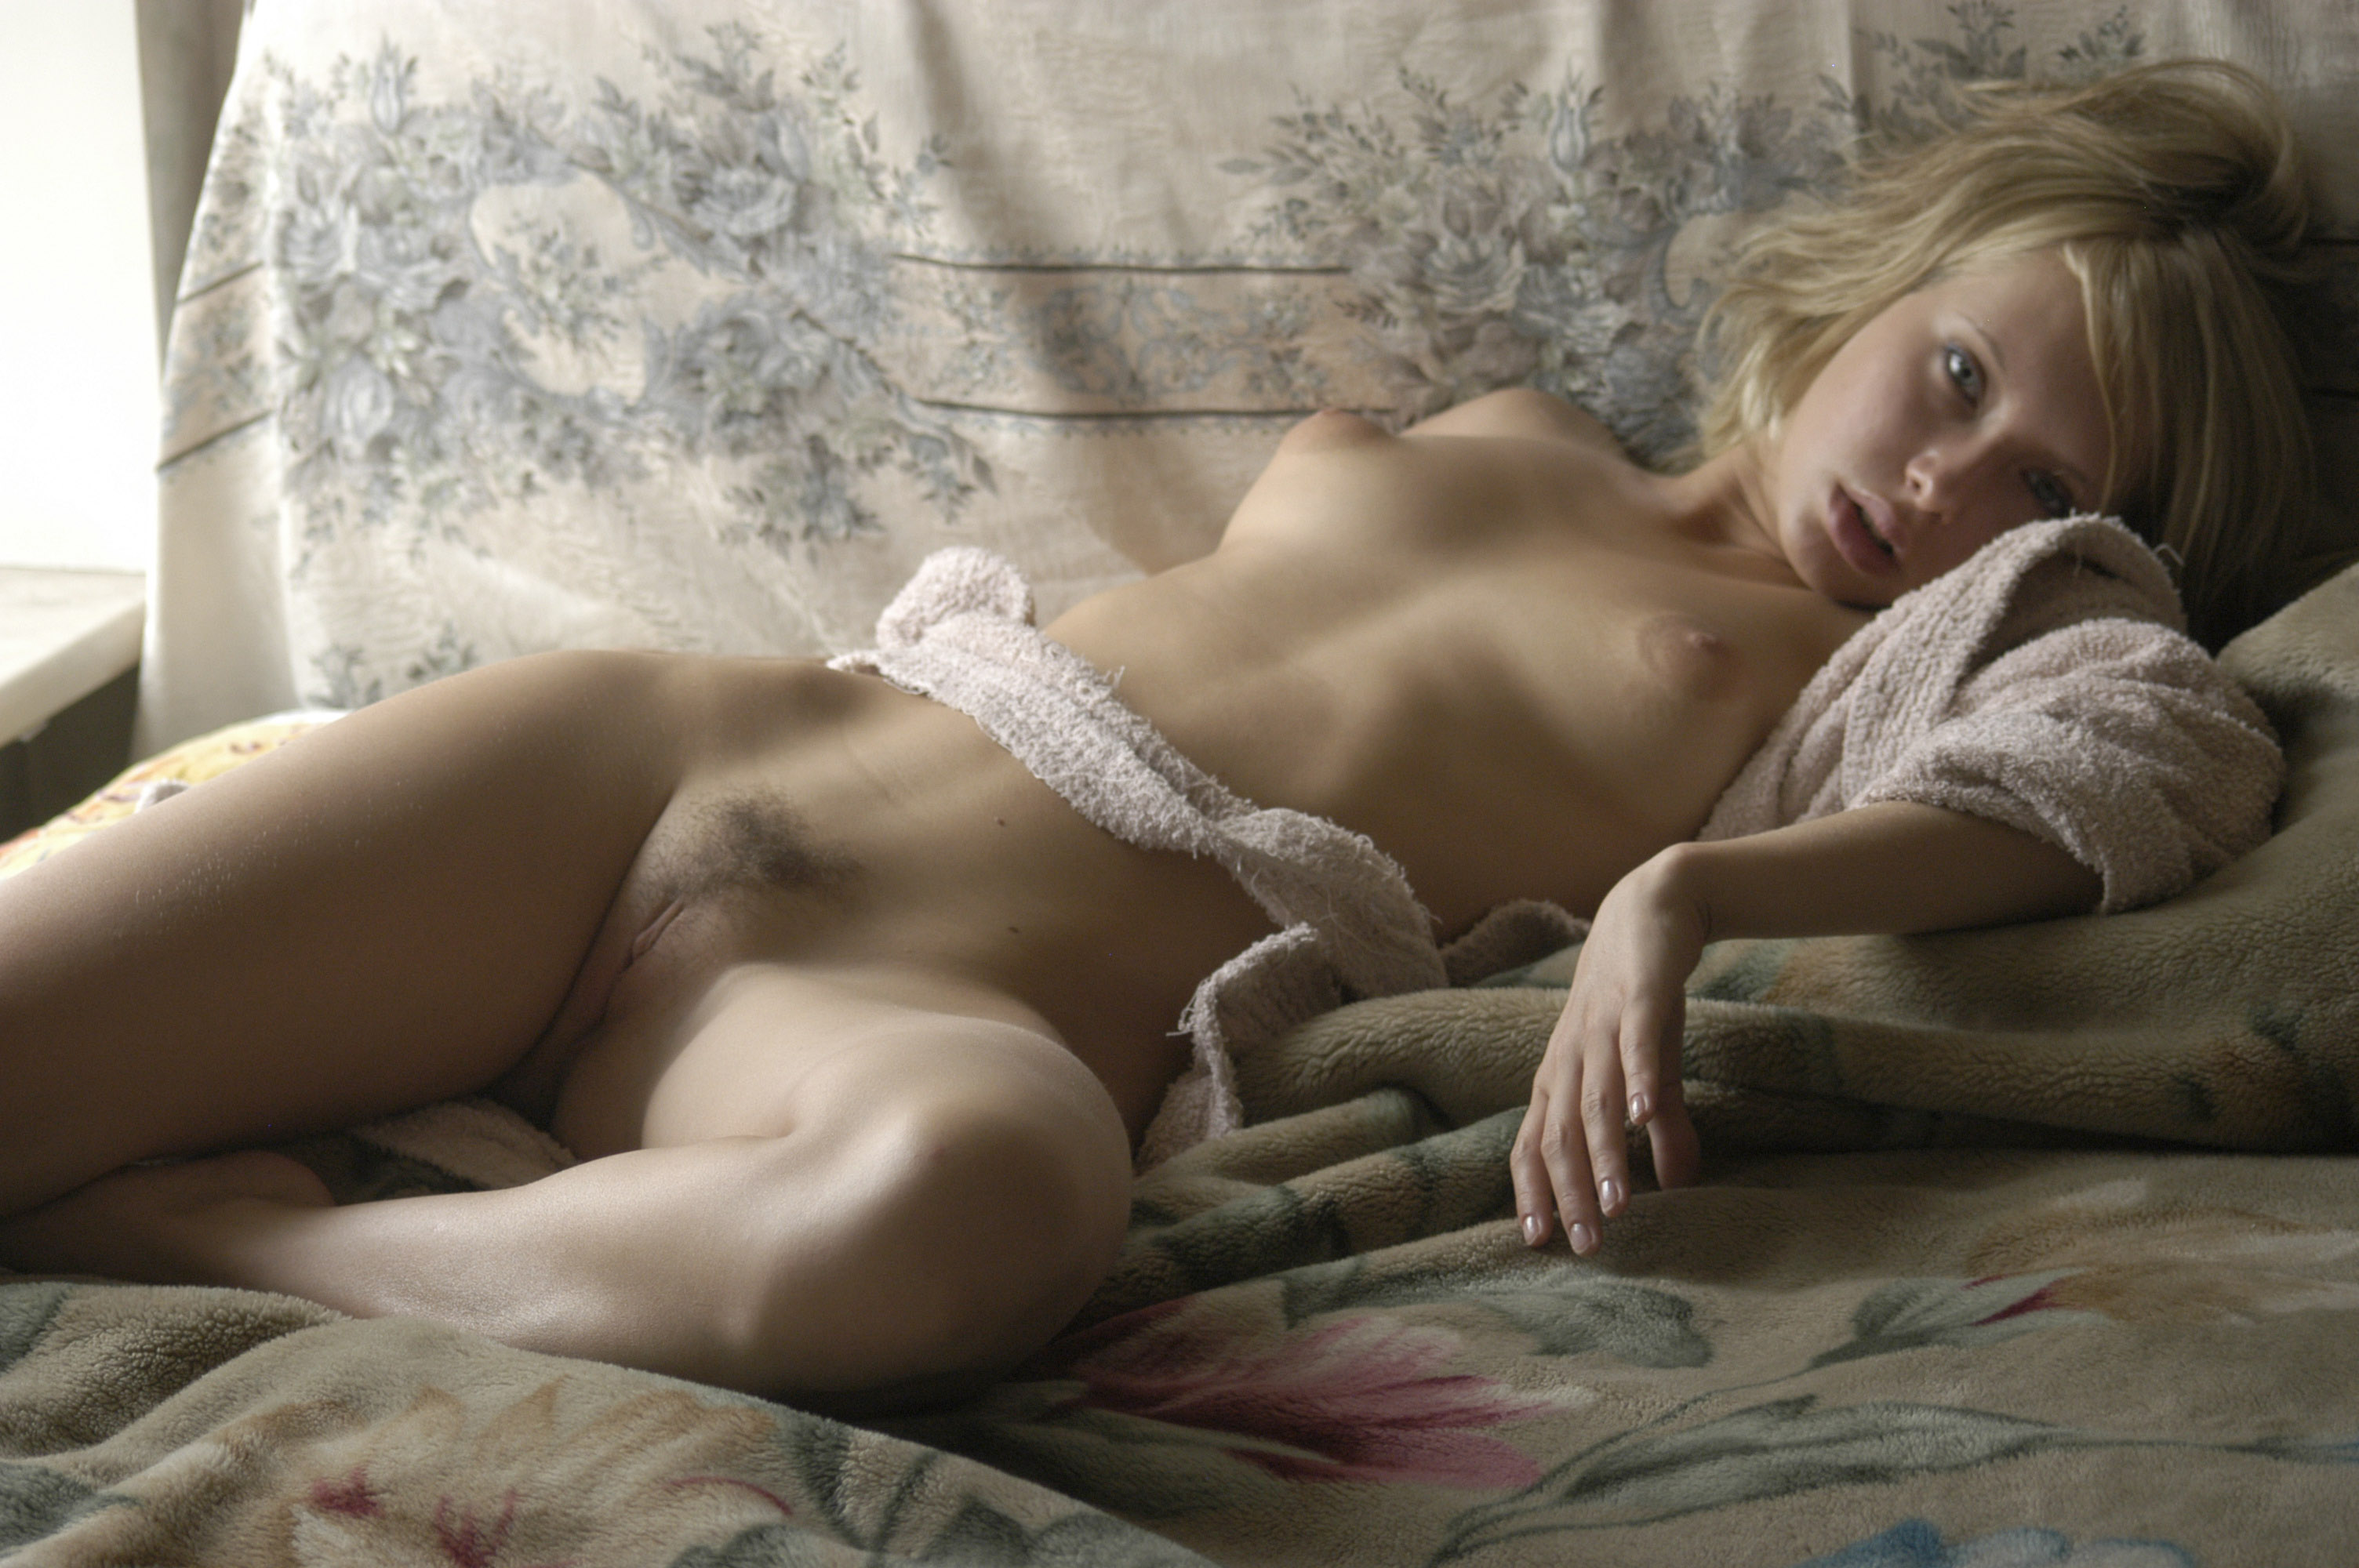 Обнаженные Девушки Интимные Места